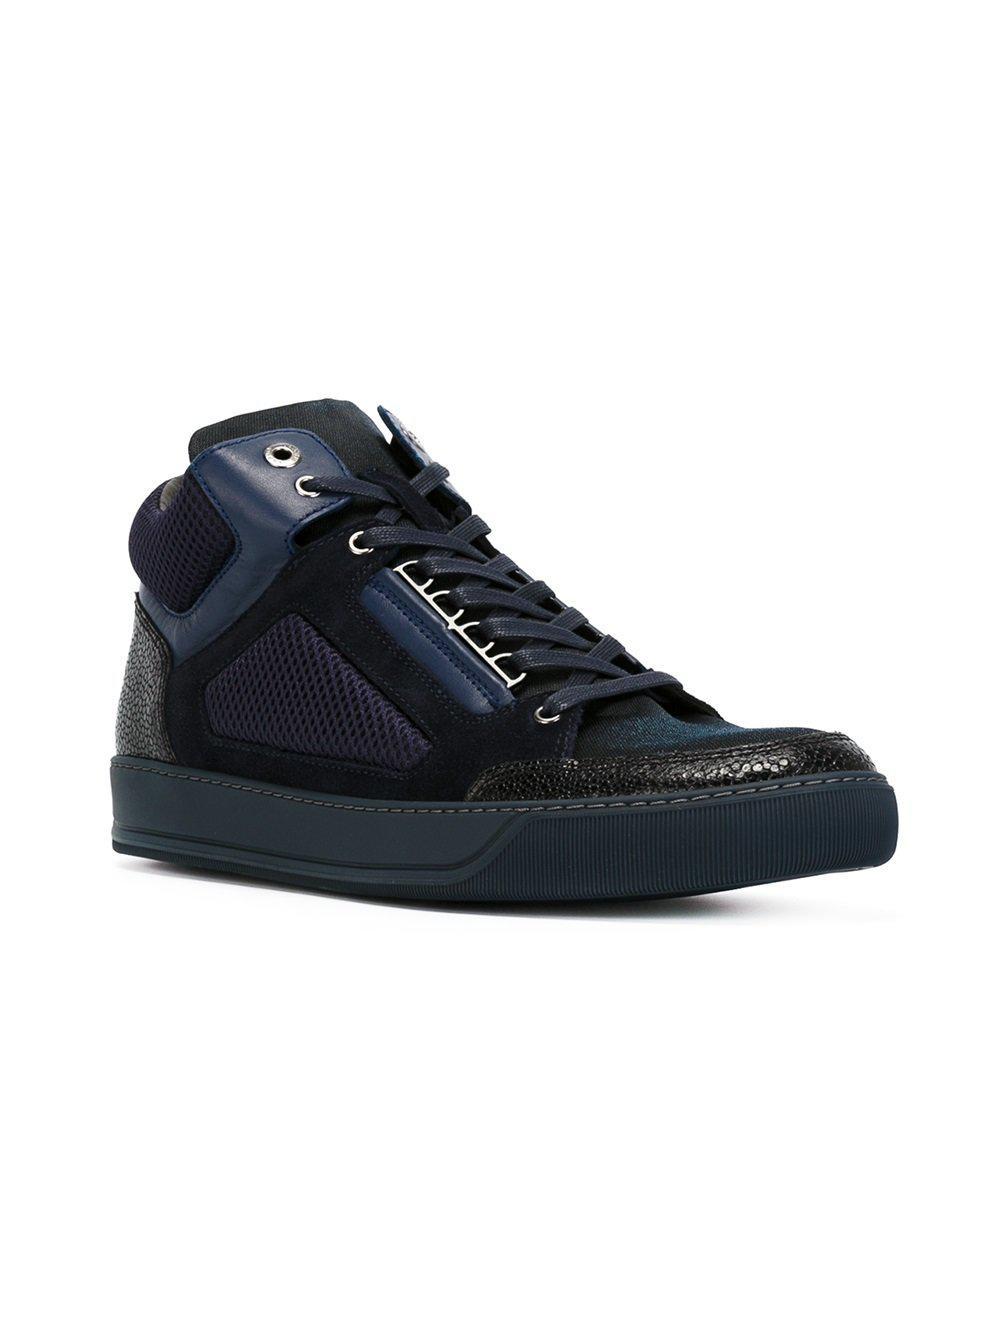 Texturés Chaussures De Sport Salut-top - Bleu Lanvin DogJWp